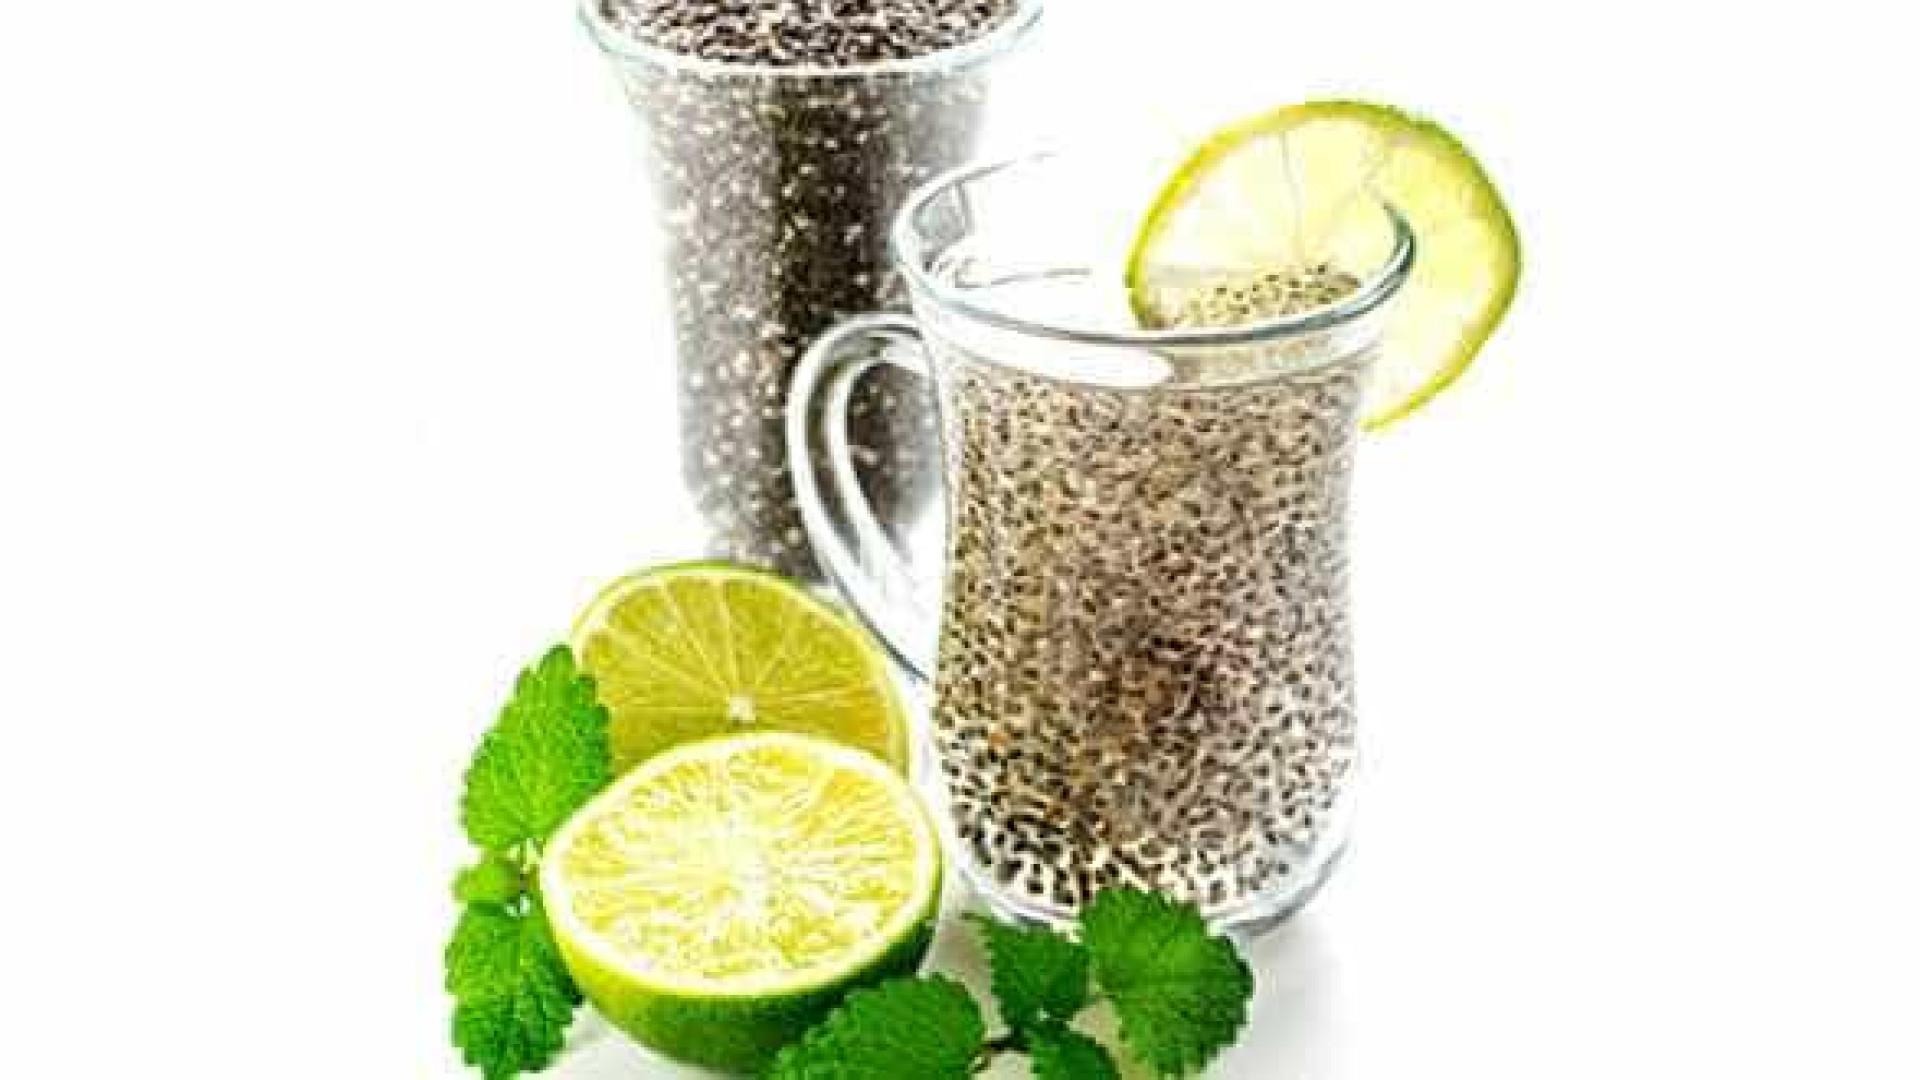 Conheça o suco de chia, poderoso  emagrecedor e desinchante